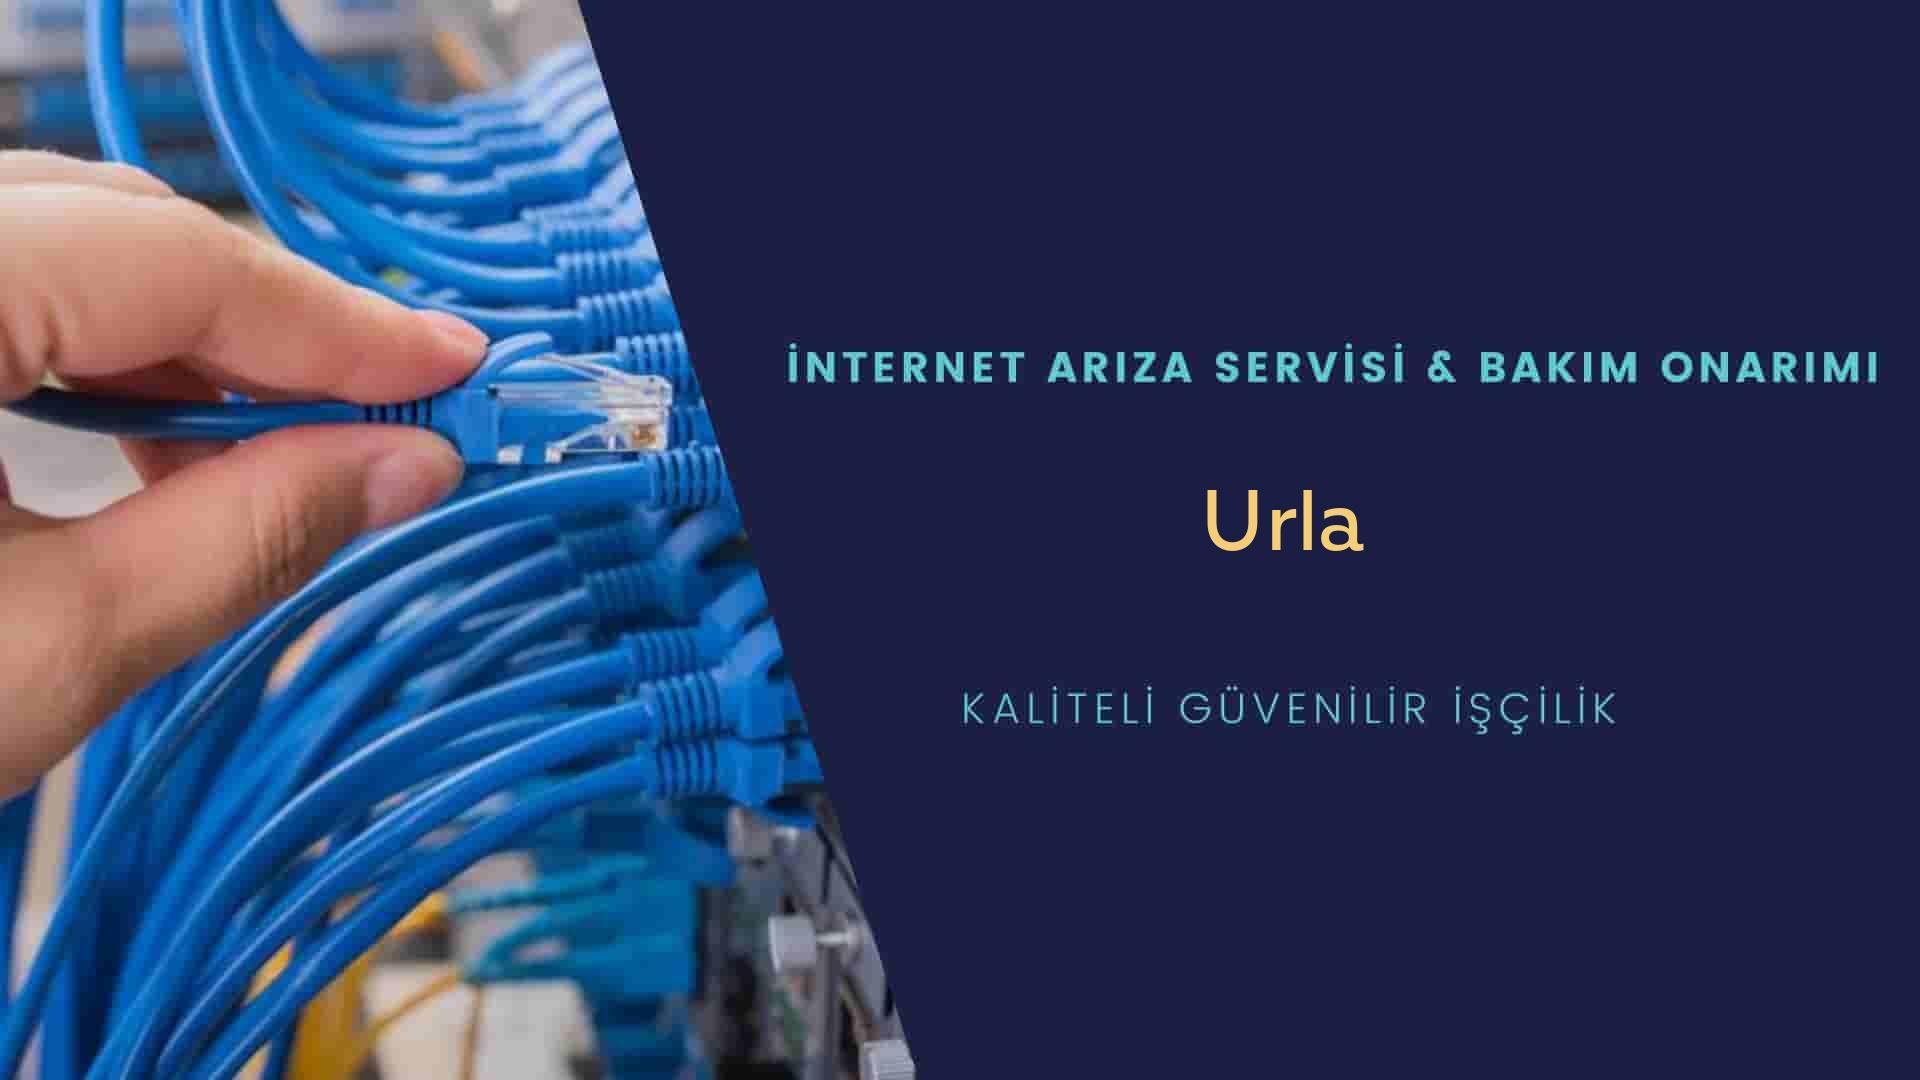 Urla internet kablosu çekimi yapan yerler veya elektrikçiler mi? arıyorsunuz doğru yerdesiniz o zaman sizlere 7/24 yardımcı olacak profesyonel ustalarımız bir telefon kadar yakındır size.